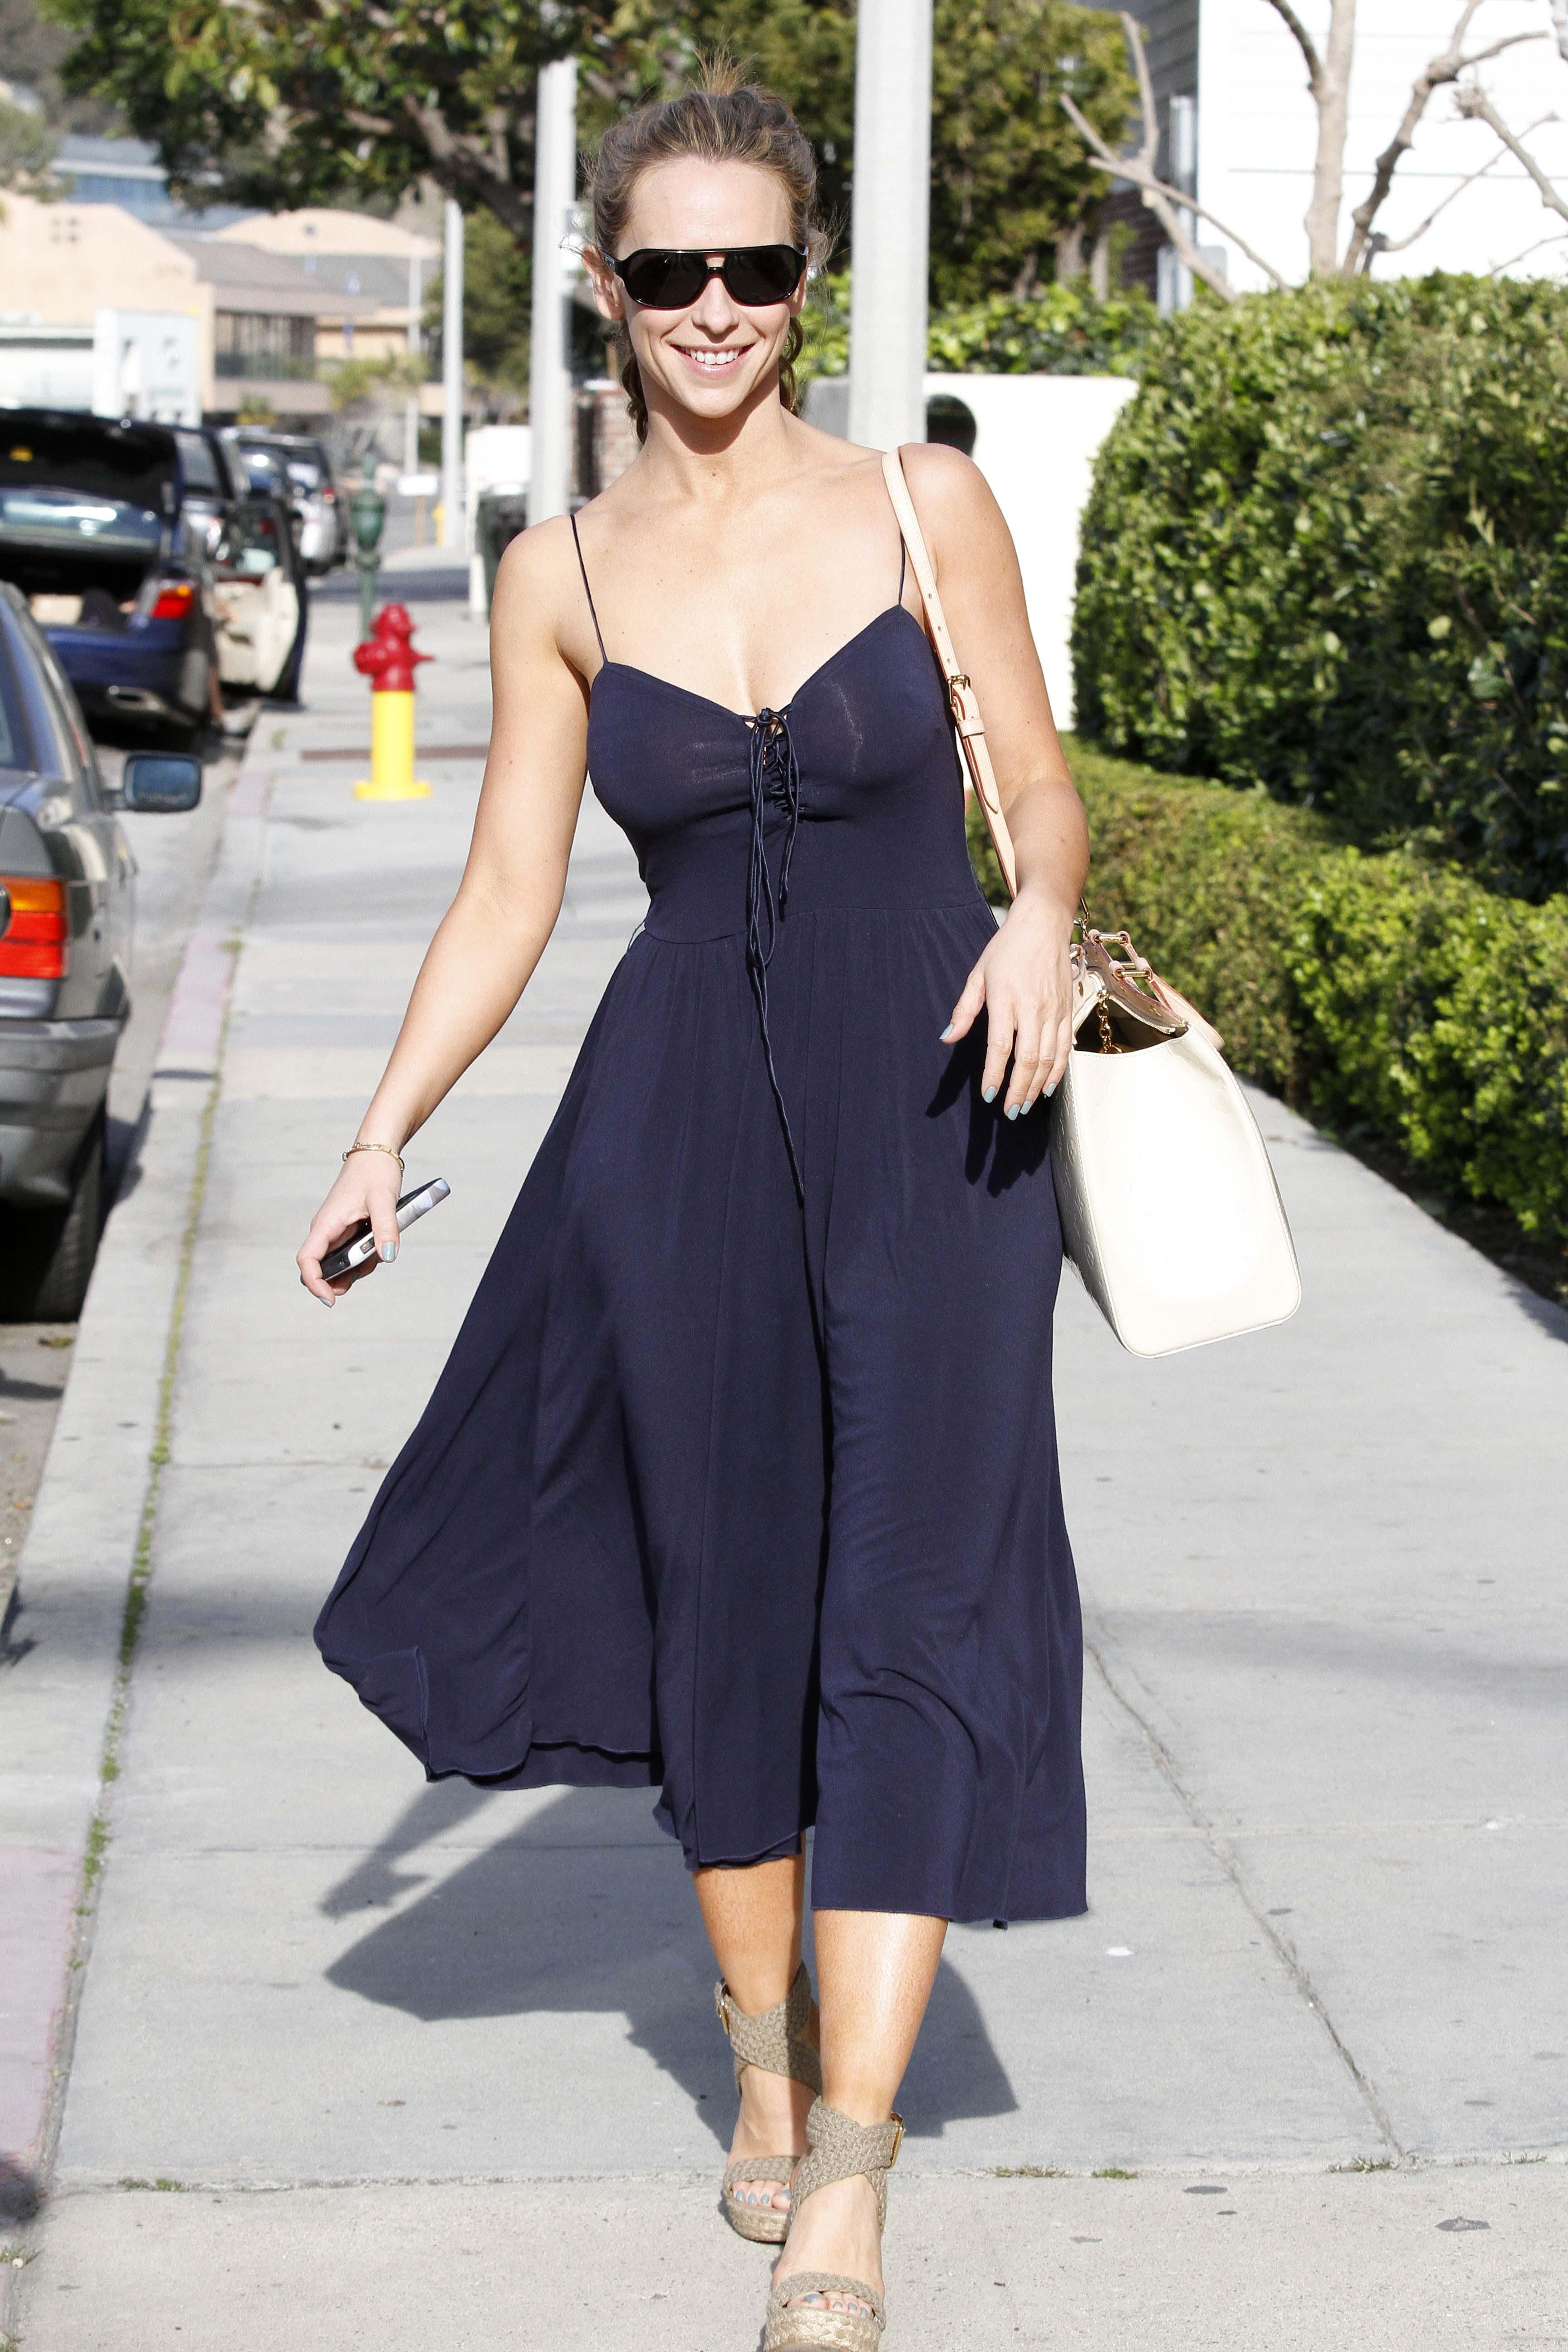 Jennifer Love Hewitt Looking Hot in Malibu